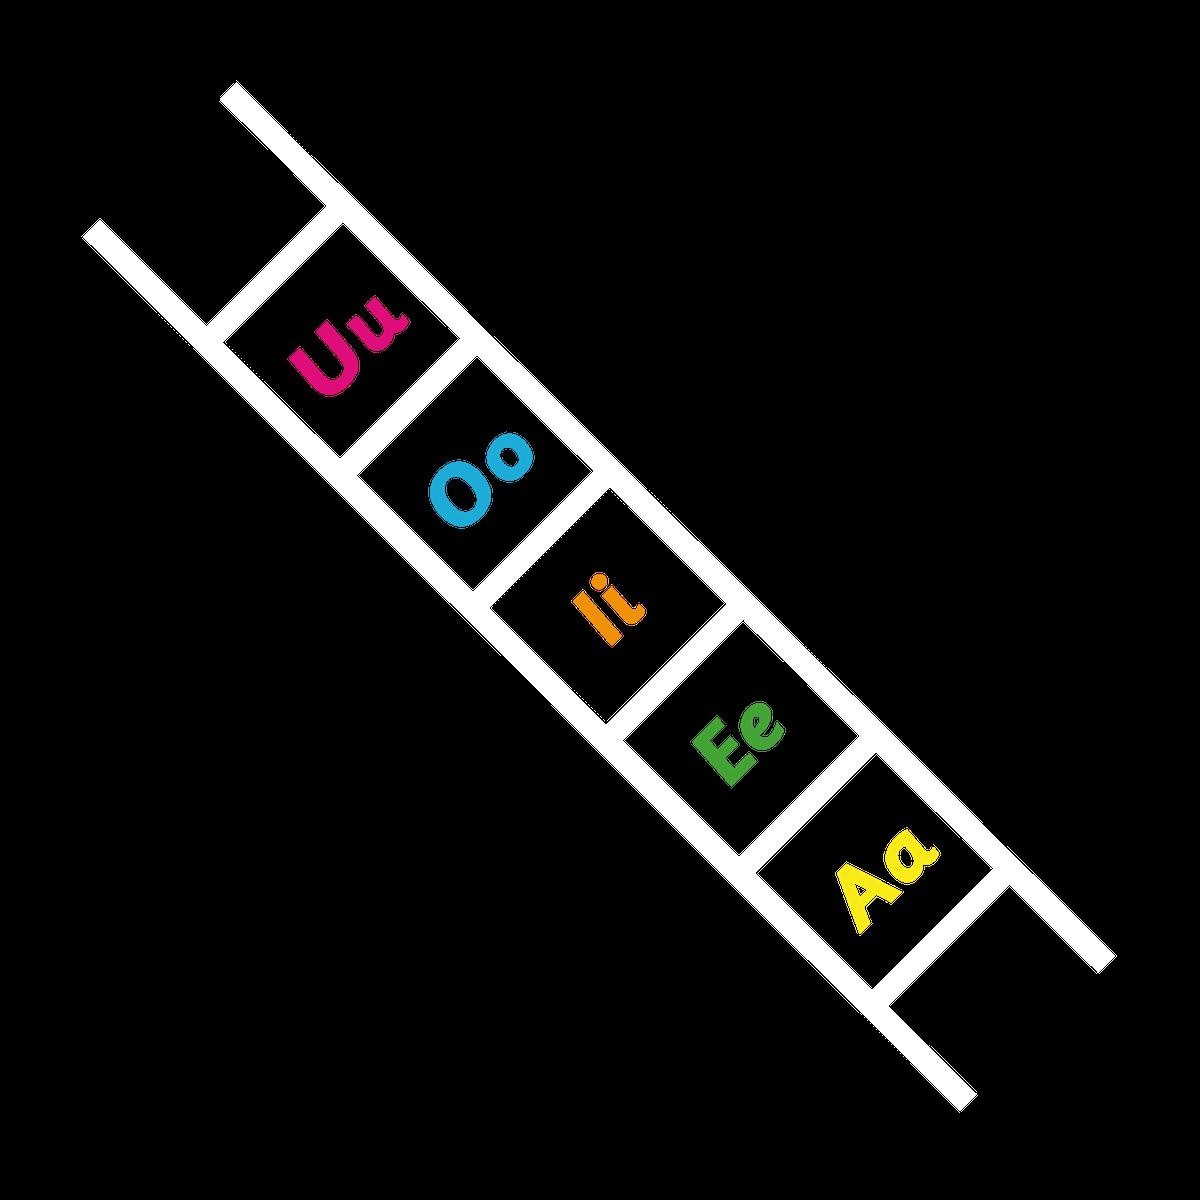 Playground Marking Vowel Ladder Outline